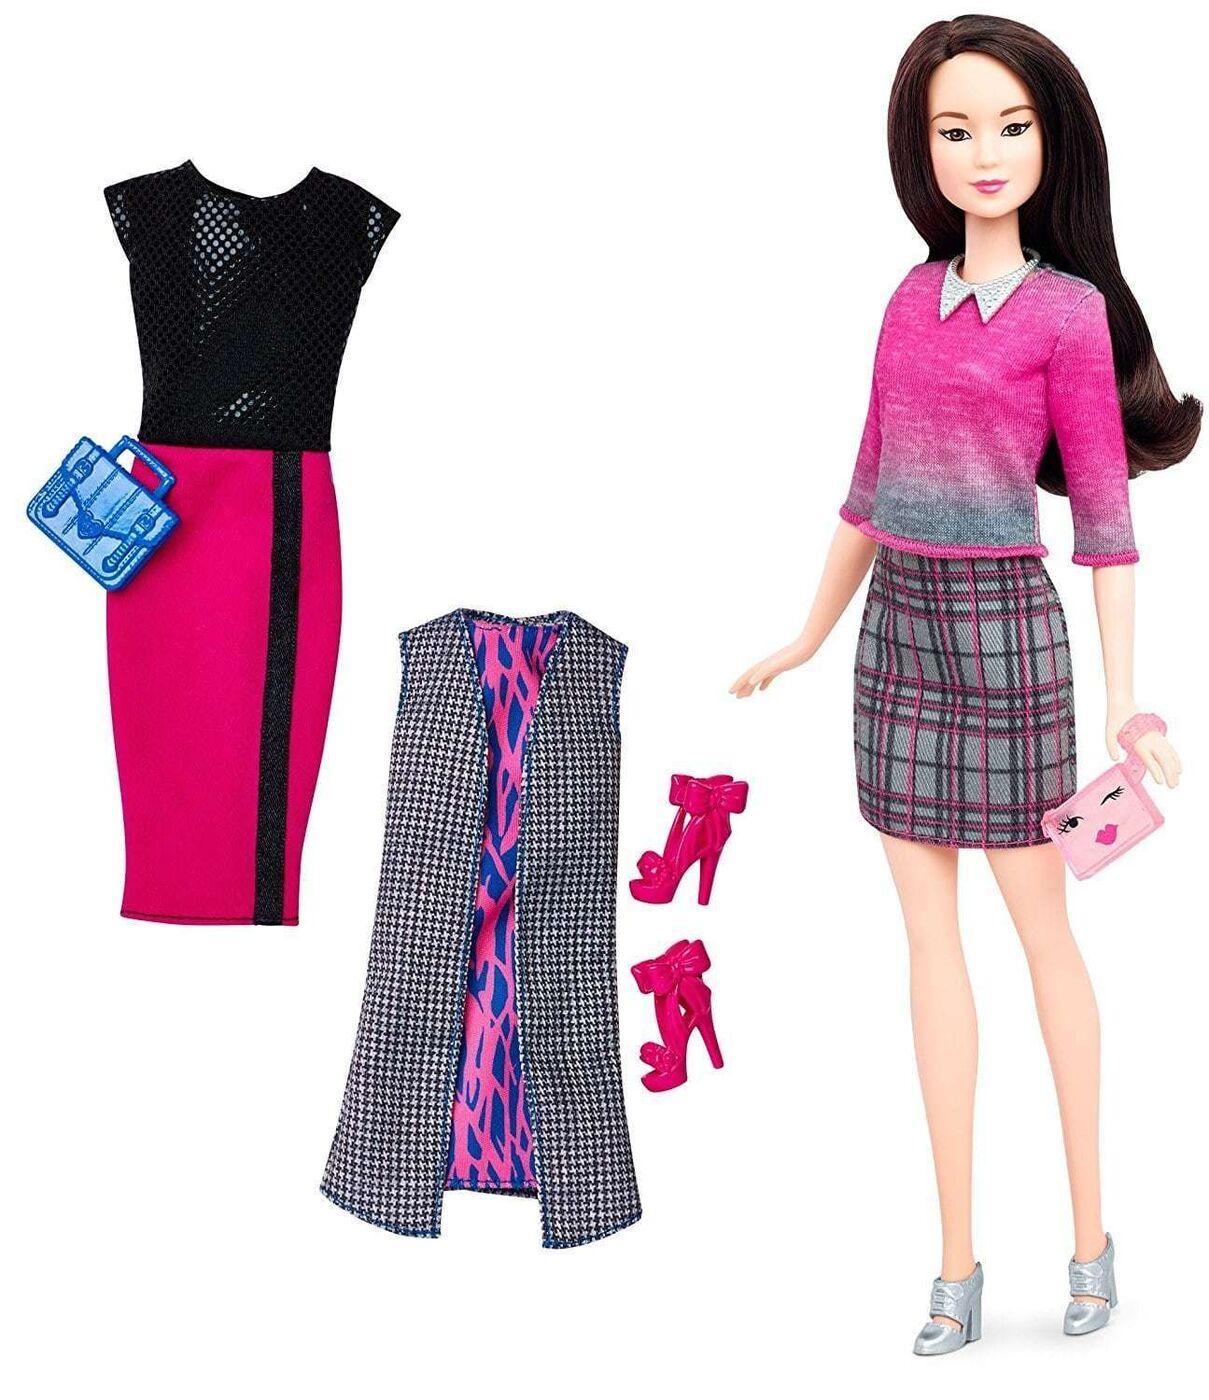 этот кукла барби одежда сити это новый